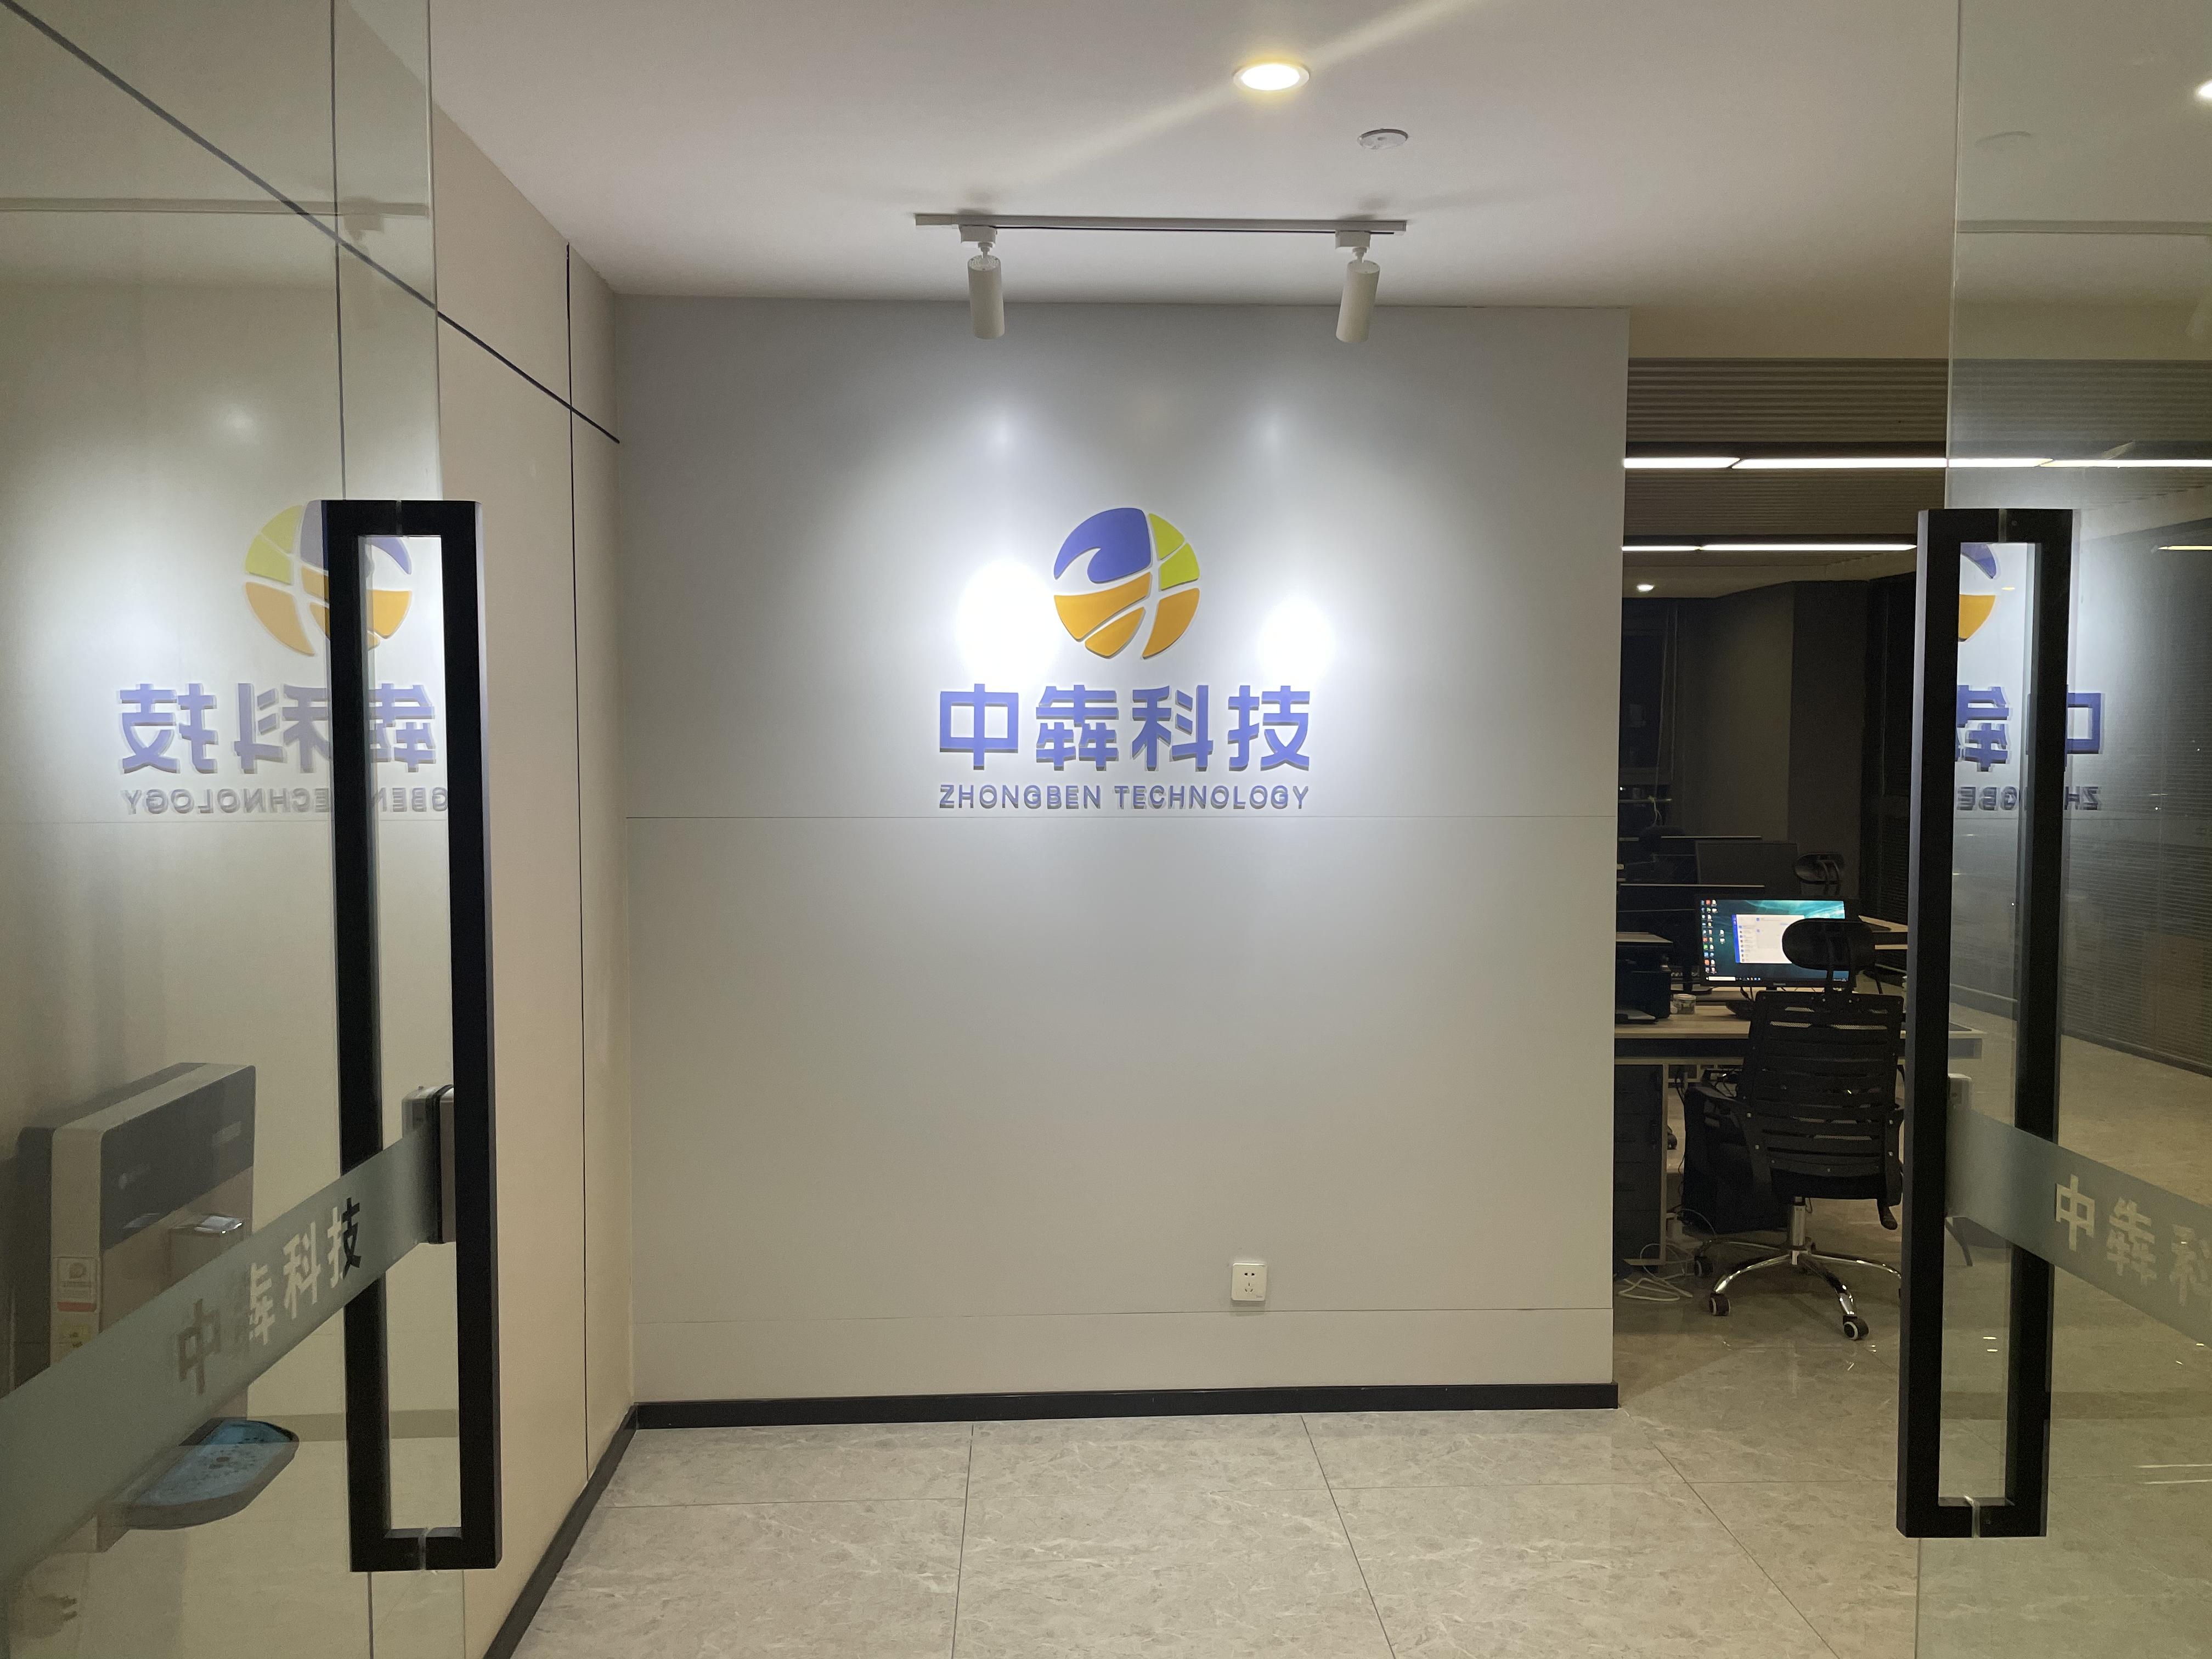 开疆拓土,再扬新帆——贺中犇科技济南公司成立